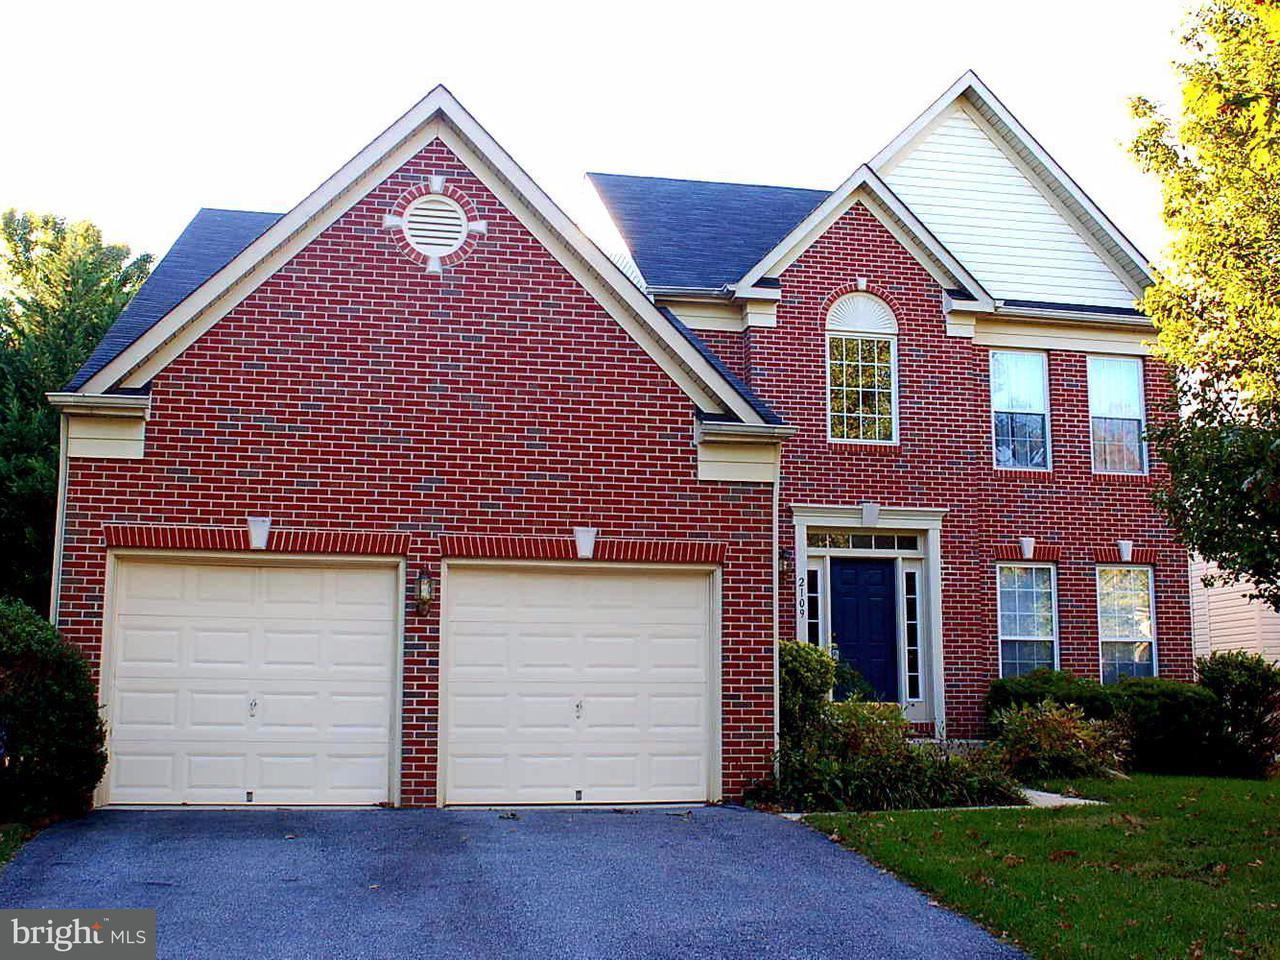 Maison unifamiliale pour l Vente à 2109 ABBOTT WAY 2109 ABBOTT WAY Woodstock, Maryland 21163 États-Unis